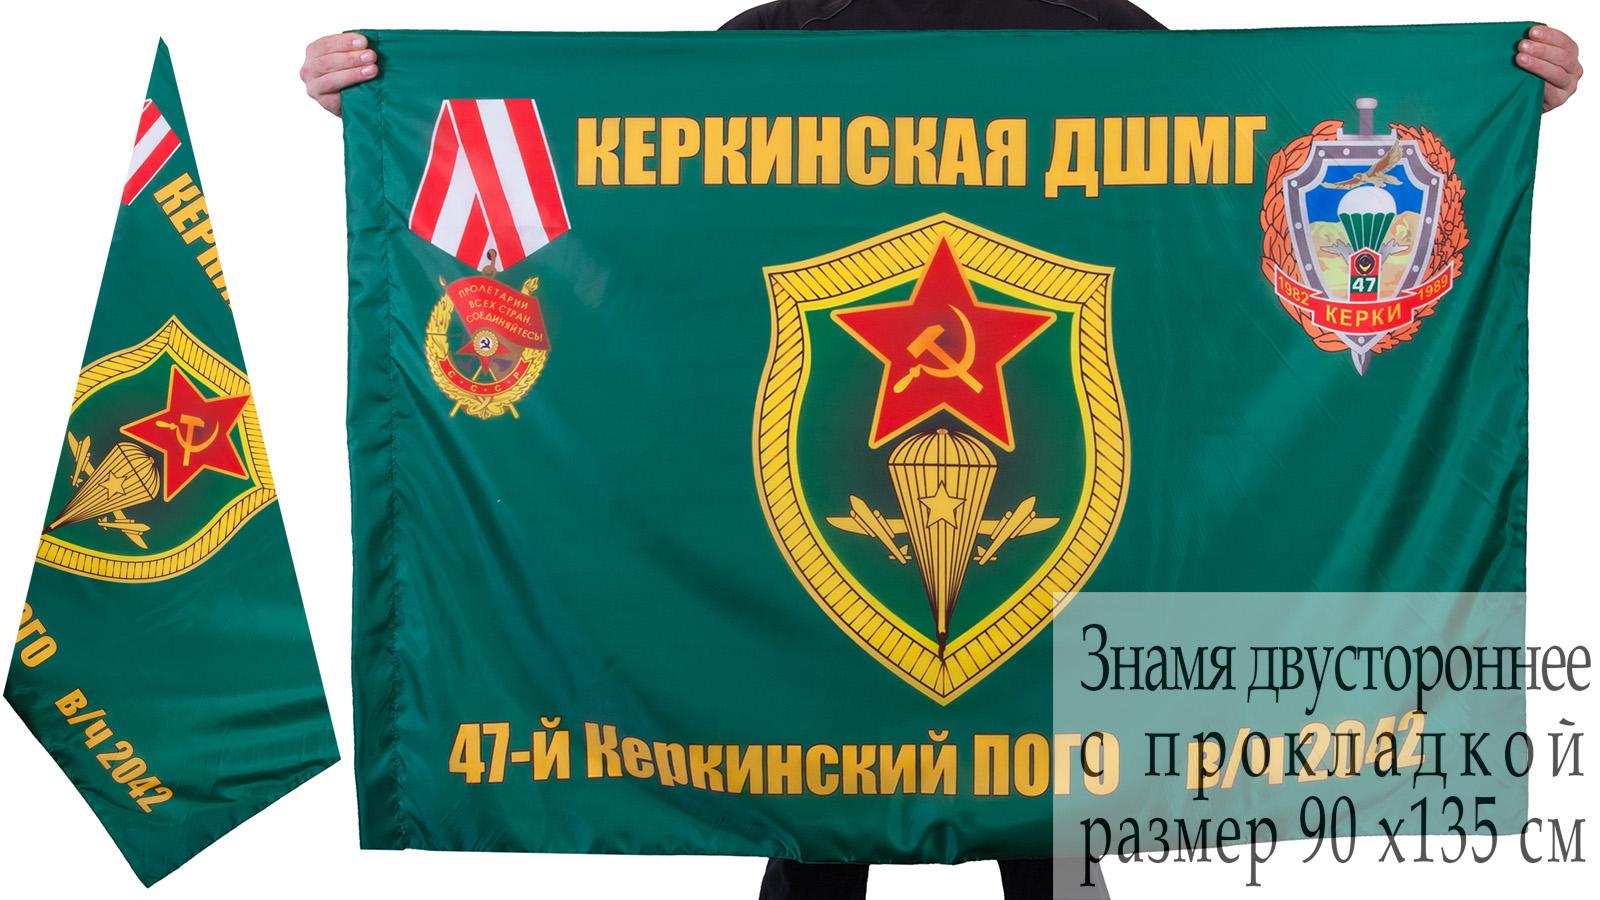 Флаг ДШМГ 47-го Керкинского ПогО